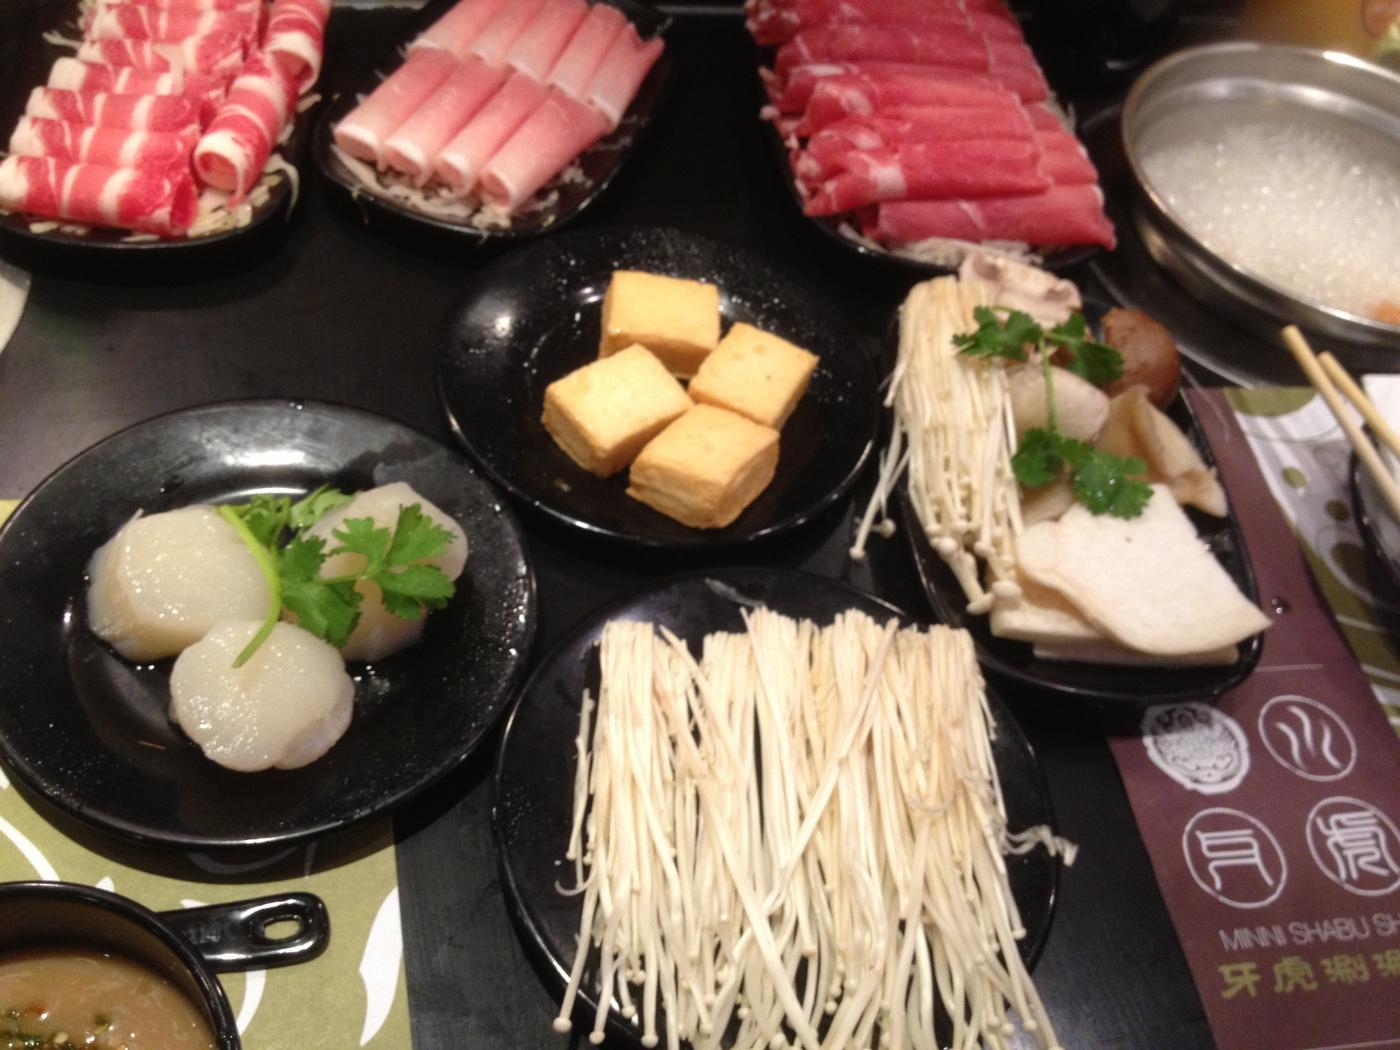 [jiejoy]星期日的晚餐---牙虎迷你涮涮锅_图1-5